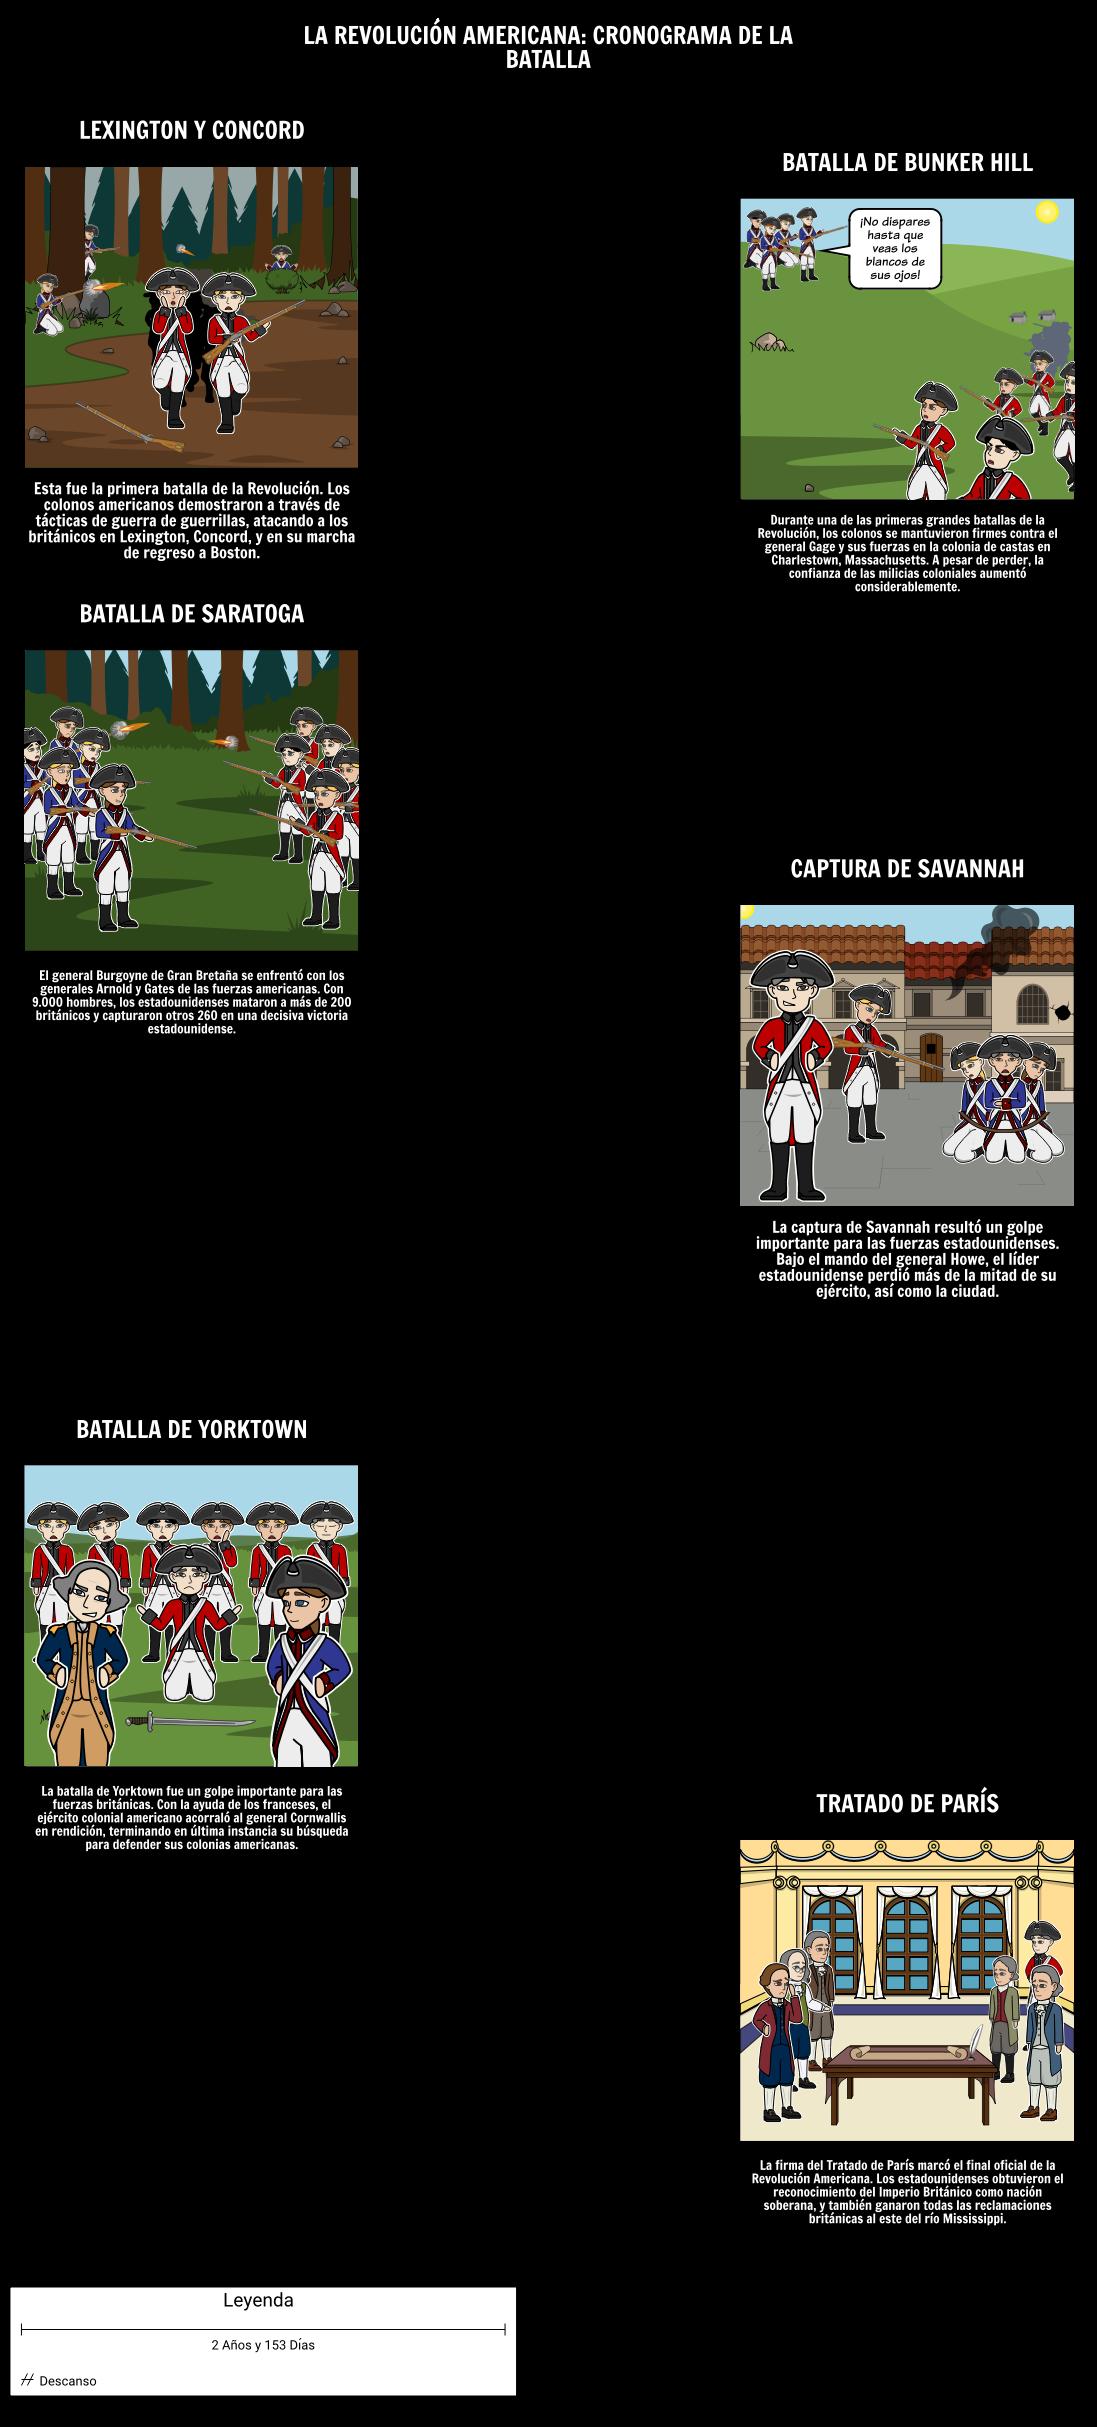 La Revolución Americana Cronología: Batallas